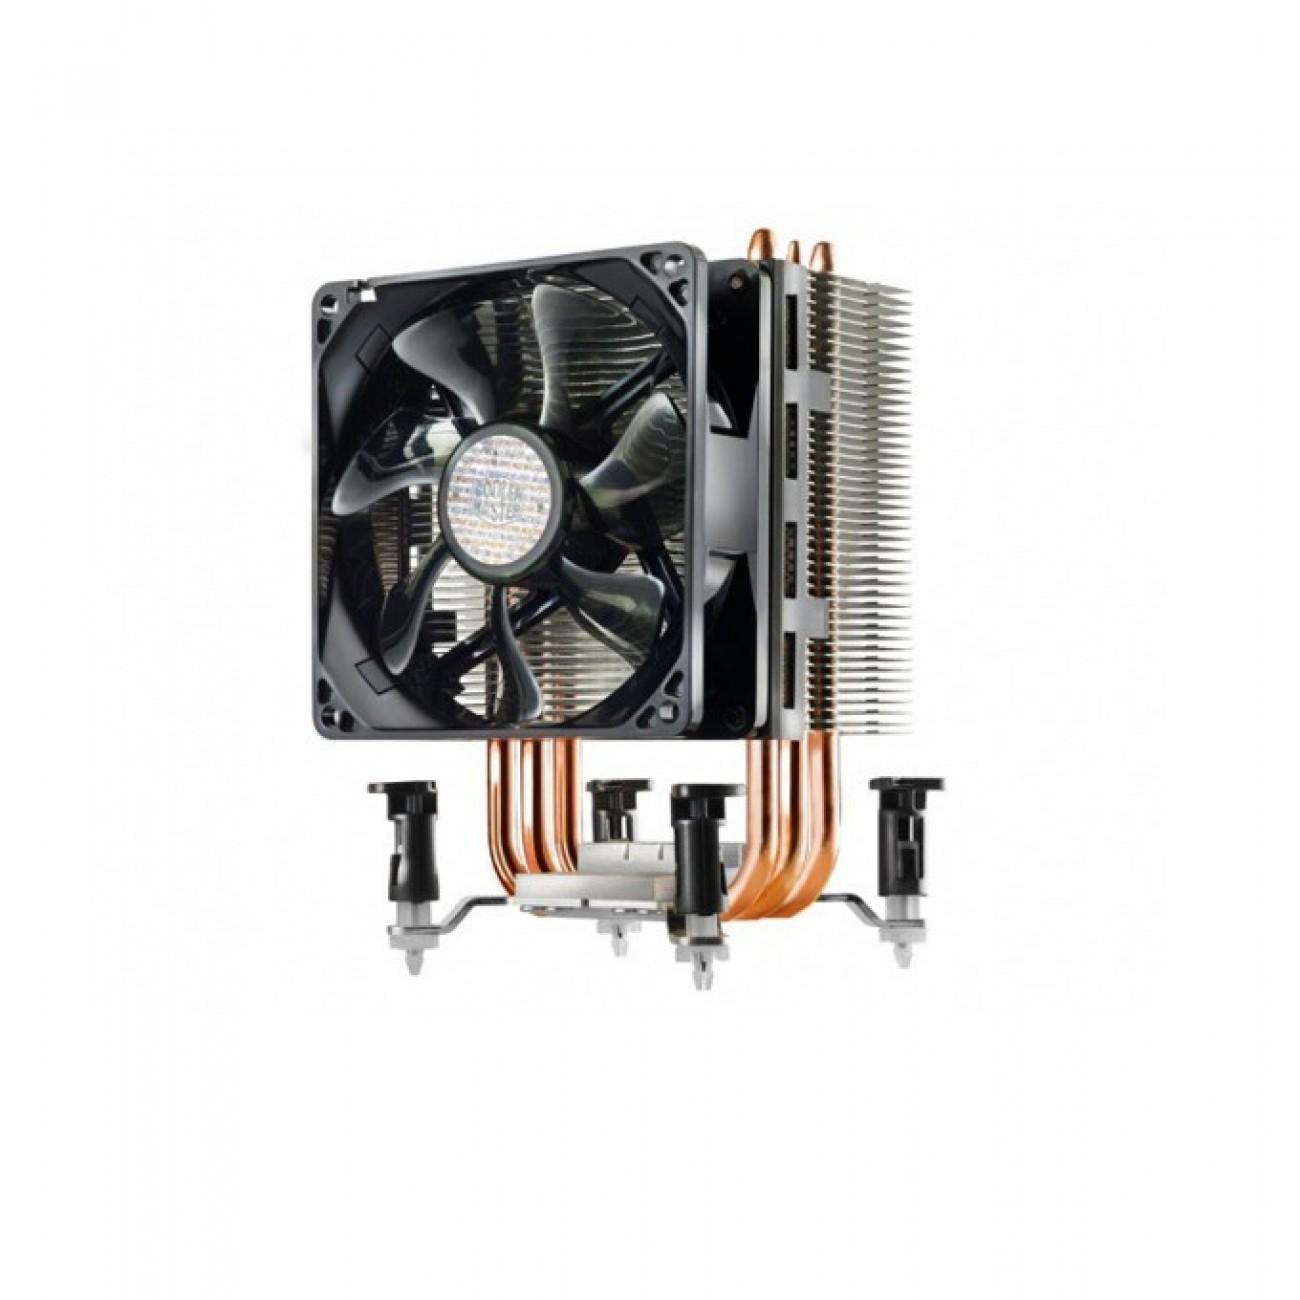 Cooler Master Hyper TX3 EVO, LGA 1366,1156,1155,1150,775,FM2+,FM2,FM1,AM3+,AM3,AM2+,AM2 в Процесори Охладители -  | Alleop